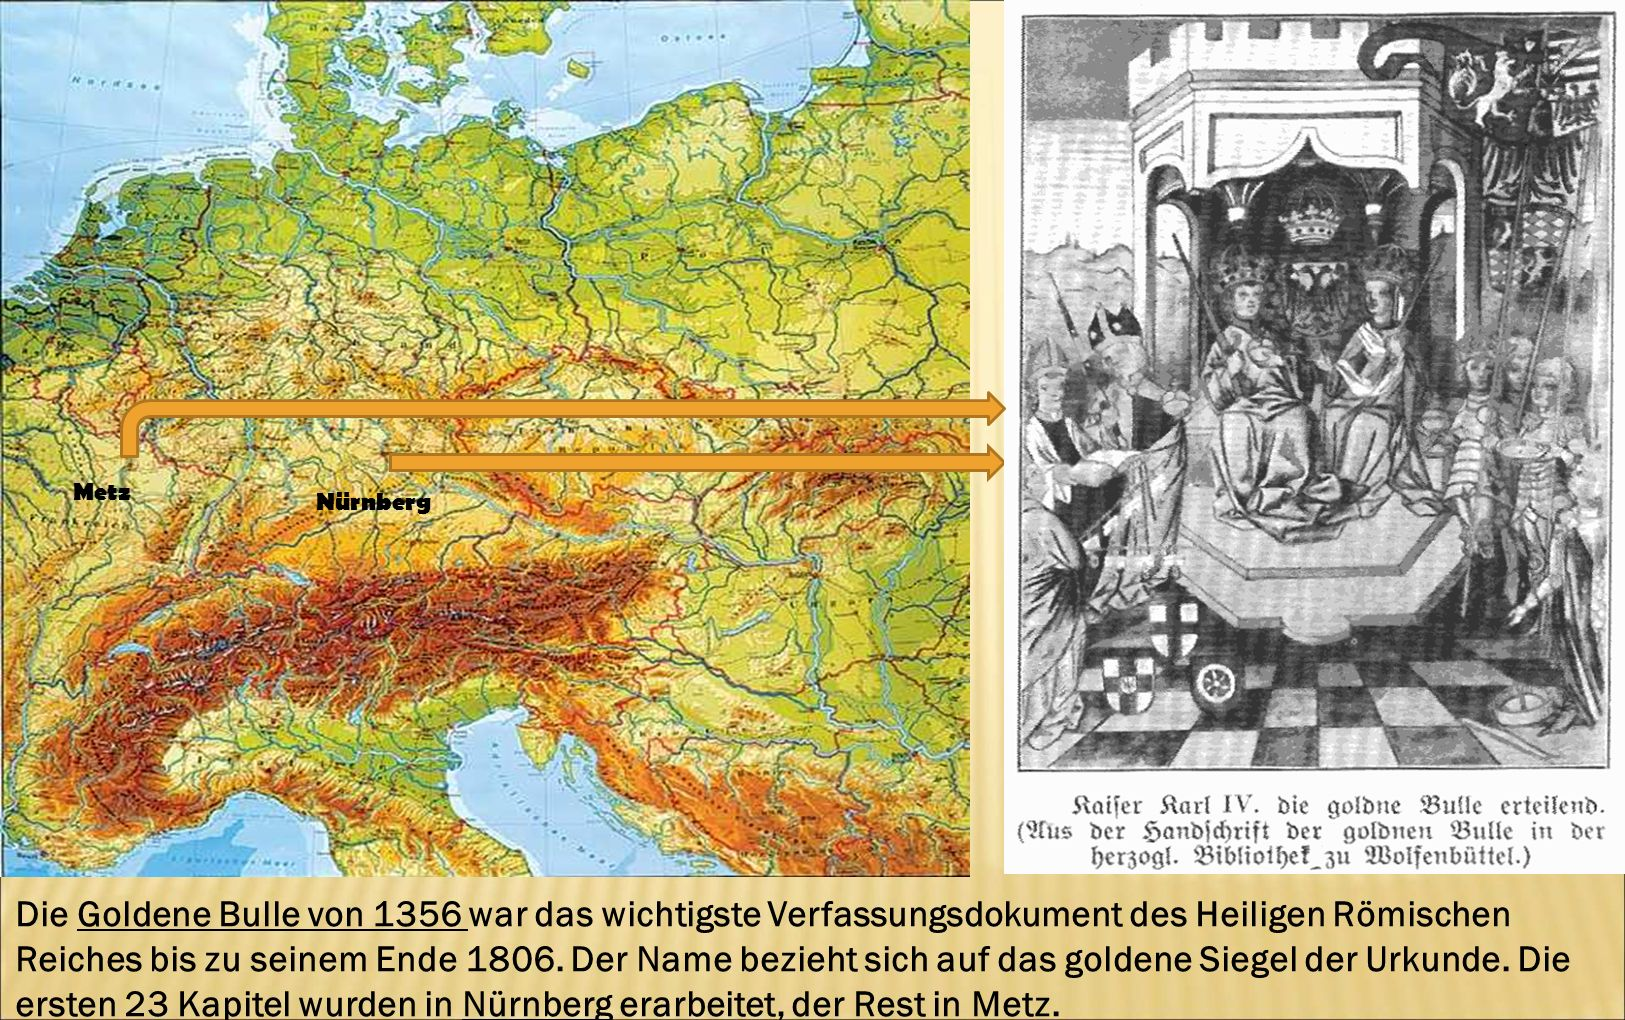 """Die Goldene Bulle von 1356 war das wichtigste der """"Grundgesetze des Heiligen Römischen Reiches und regelte die Modalitäten der Wahl und der Krönung der römisch-deutschen Könige durch die Kurfürsten bis zum Ende des Alten Reiches 1806."""